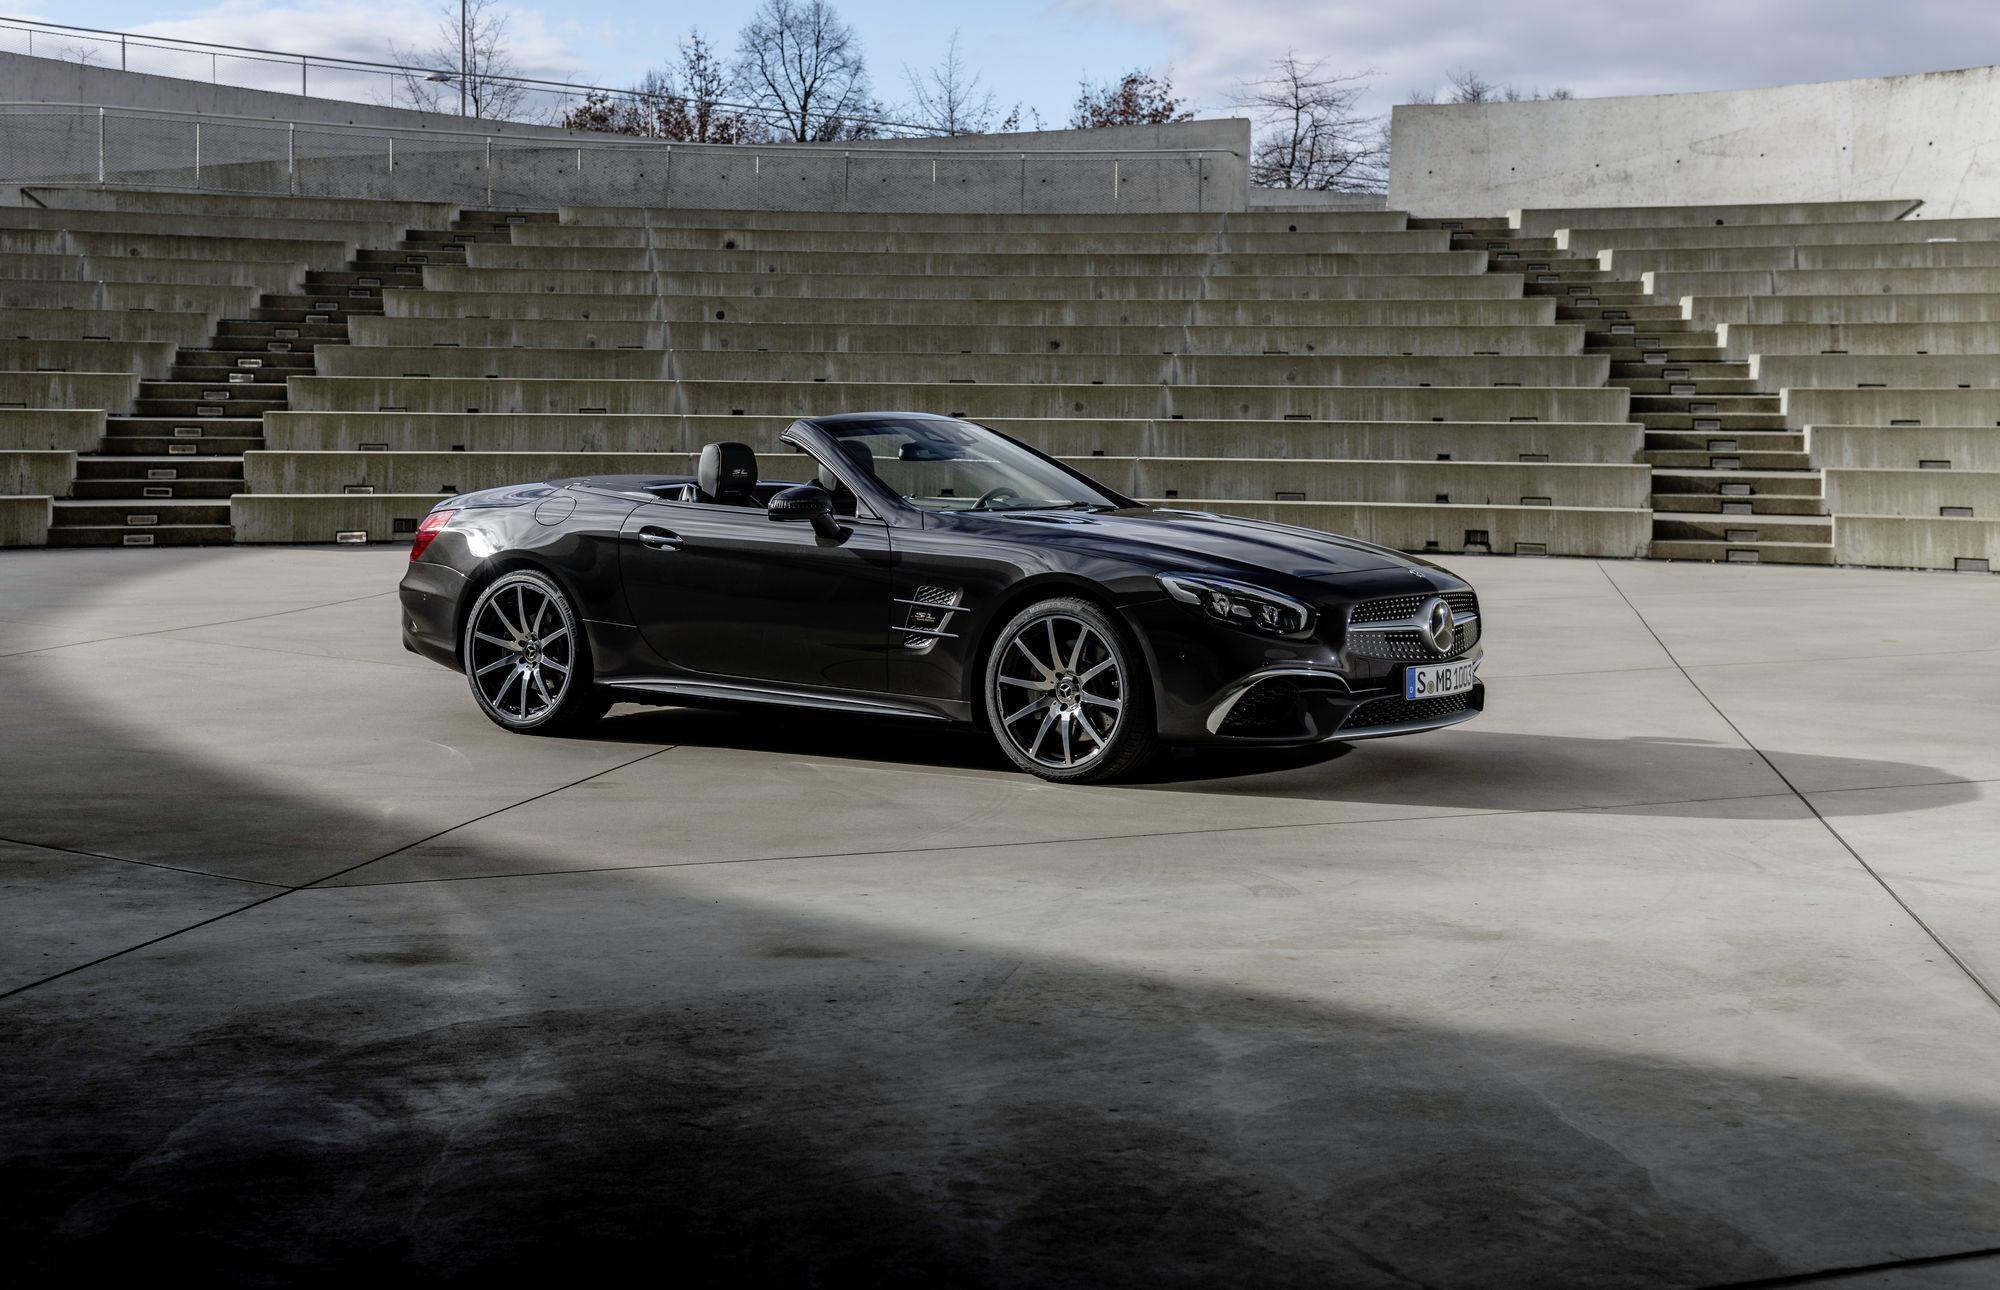 Mui trần hạng sang Mercedes-Benz SL Grand Edition giá từ 130.000 USD Ảnh 1